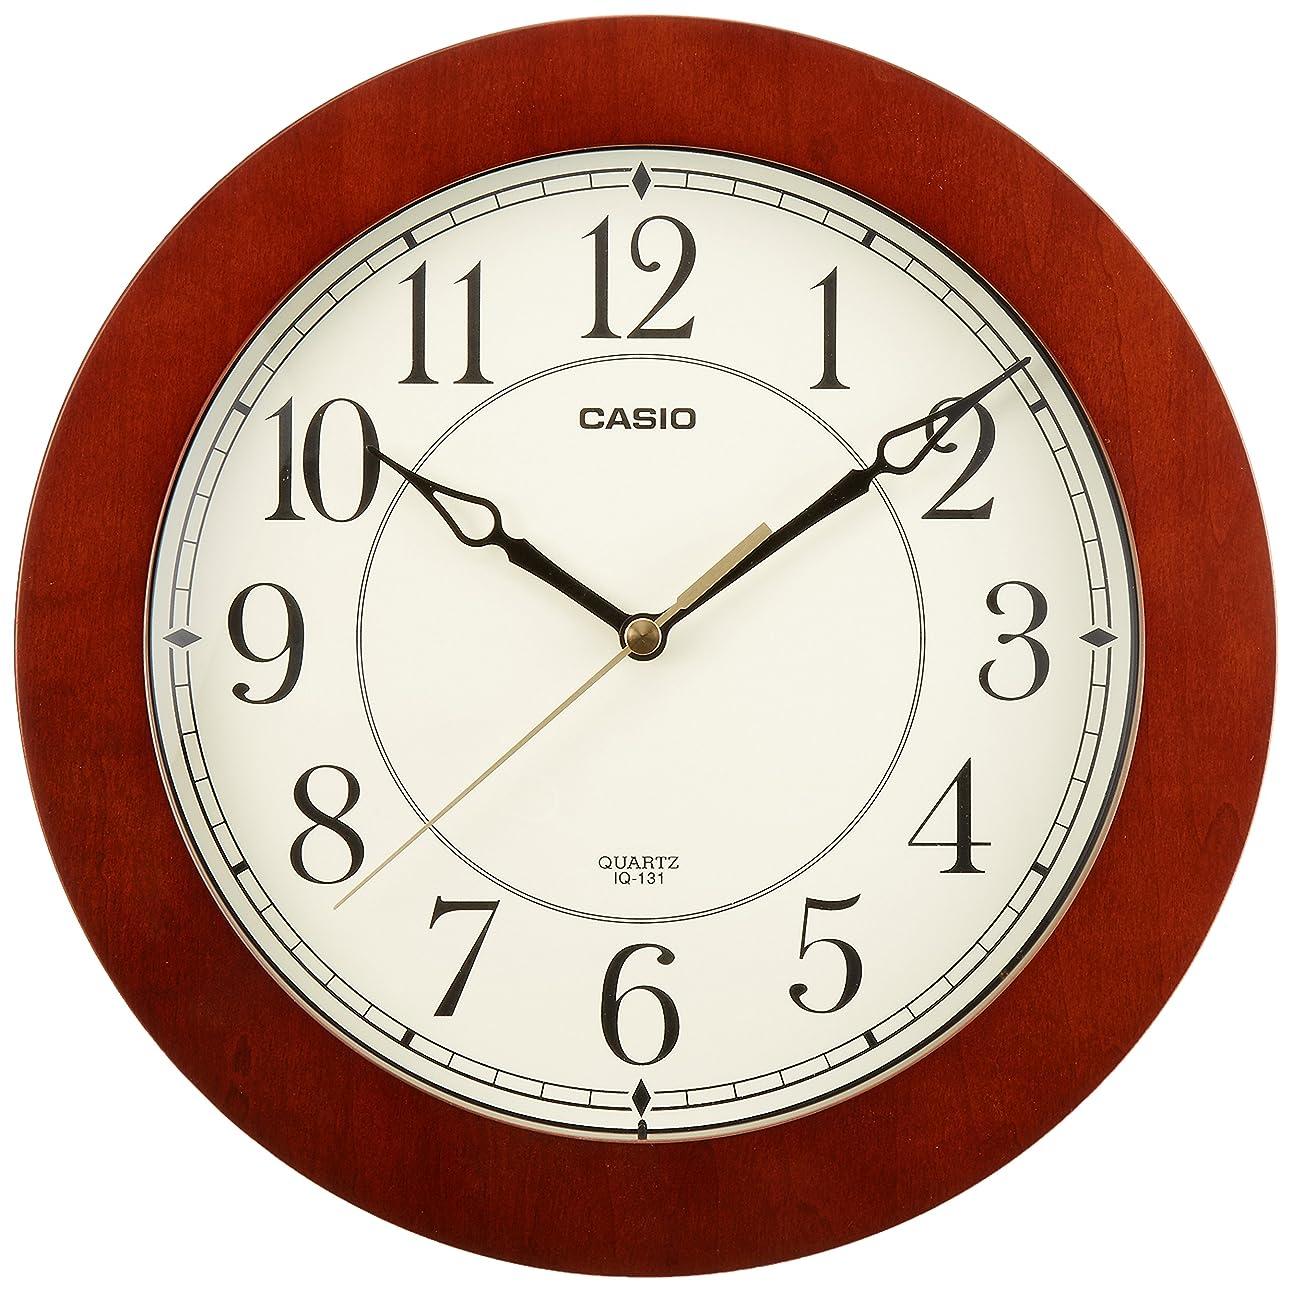 レタスメンタル勇敢なCASIO(カシオ) 掛け時計 アナログ 木枠 ダークブラウン IQ-131S-5JF